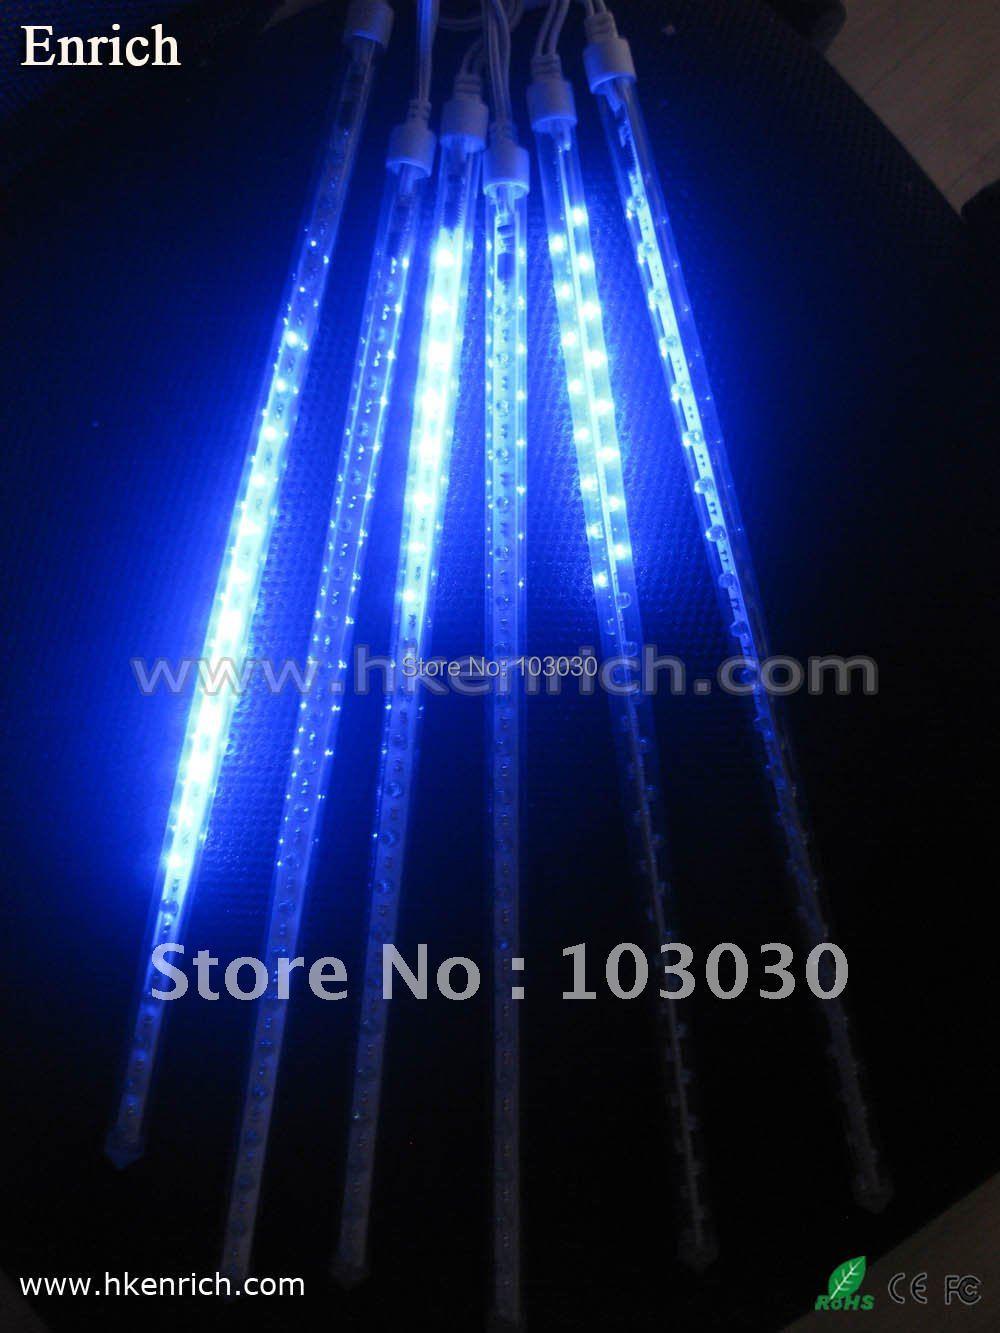 20cm 12pcs/set Mini type LED Meteor Light LED Rain light double-sided with Free Shipping(China (Mainland))